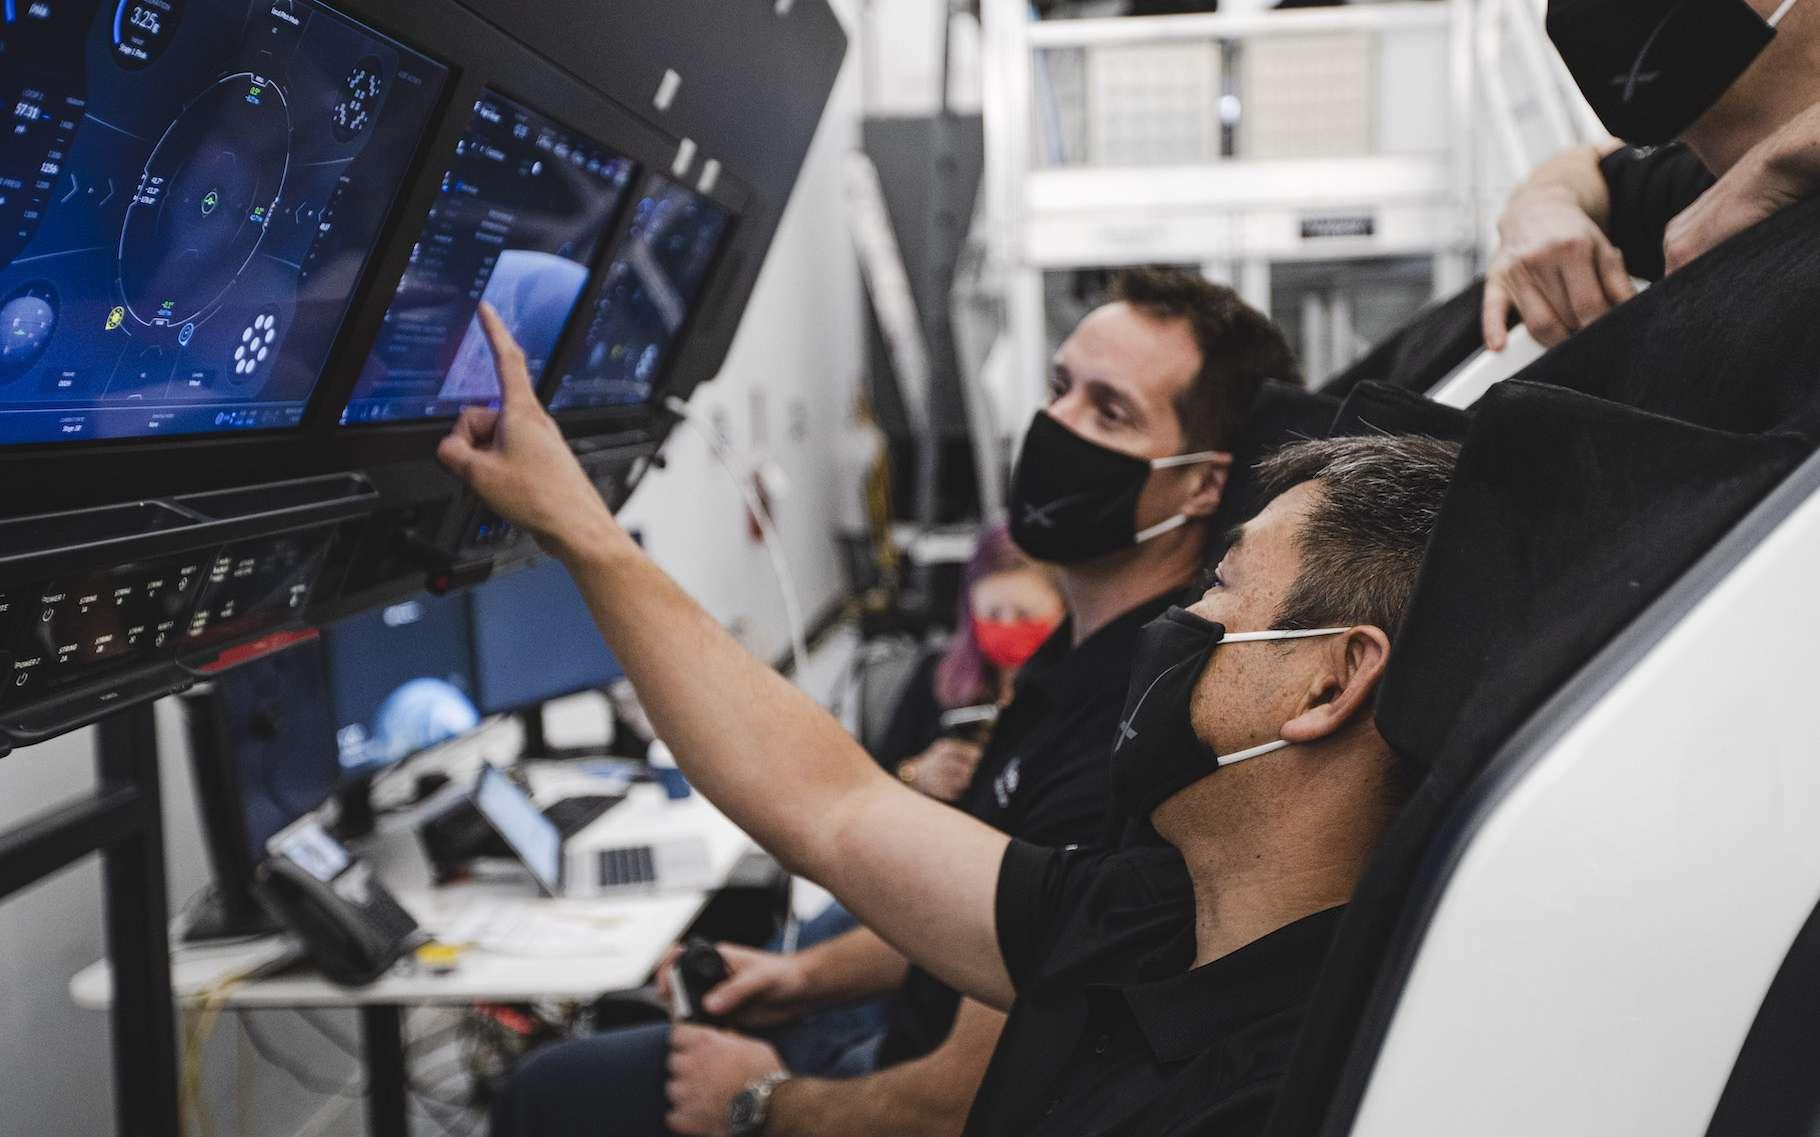 Contrôle des éléments via le tableau de bord tactile. ©Nasa/SpaceX